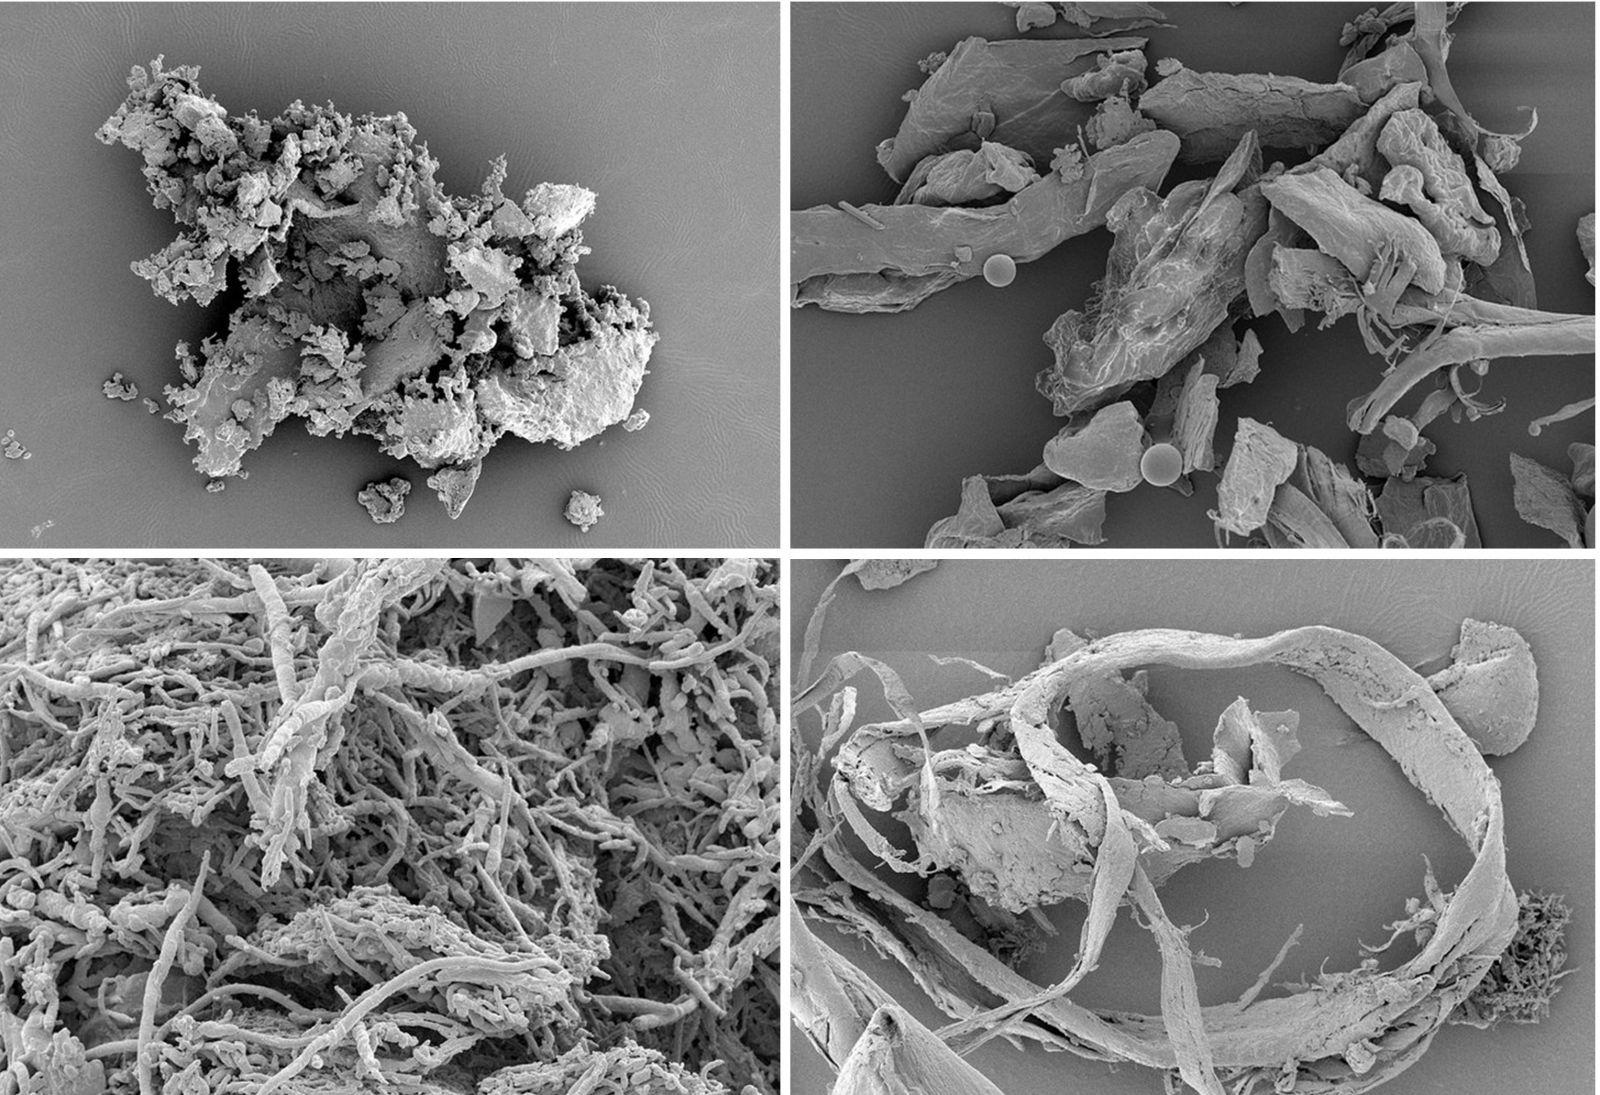 фото видов домашней пыли